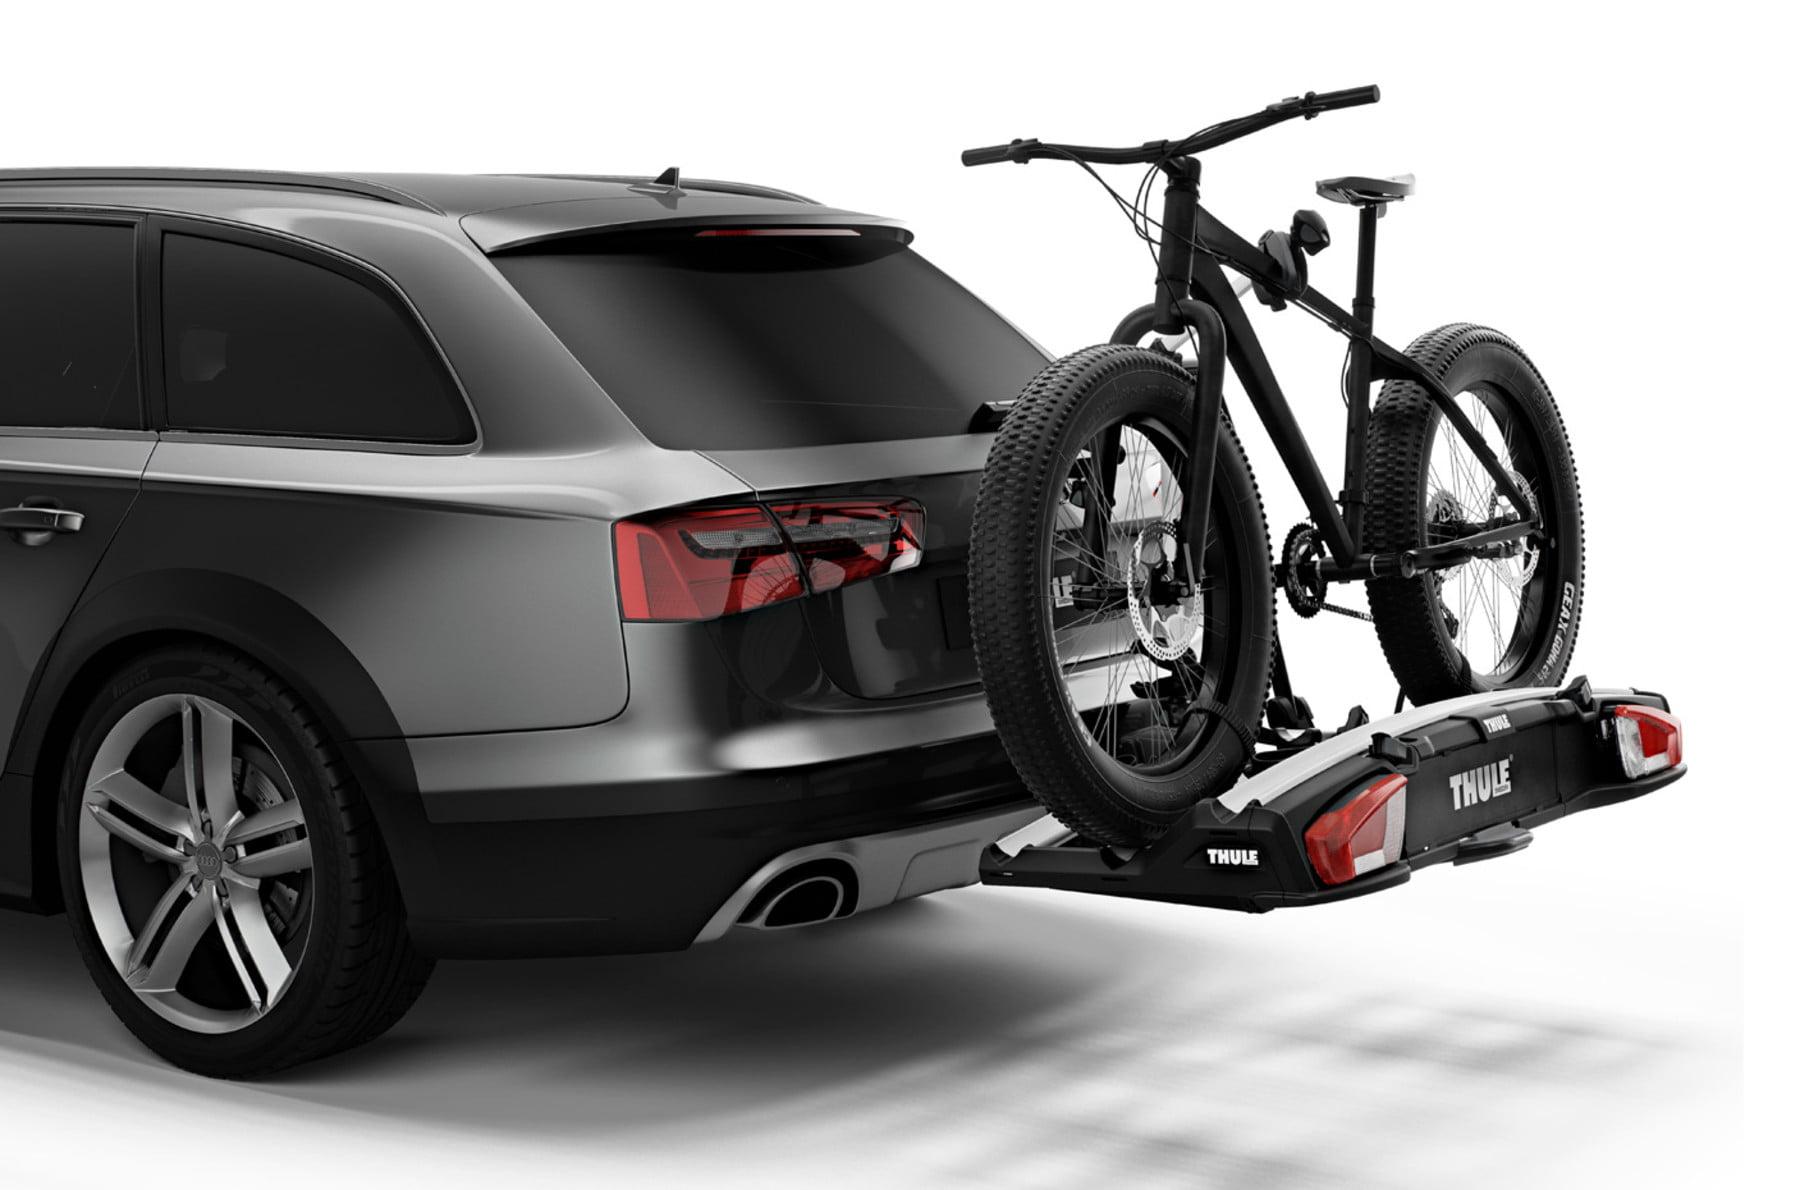 Suport pentru 3 biciclete Thule VeloSpace 939 XT3 cu prindere pe carligul de remorcare 3